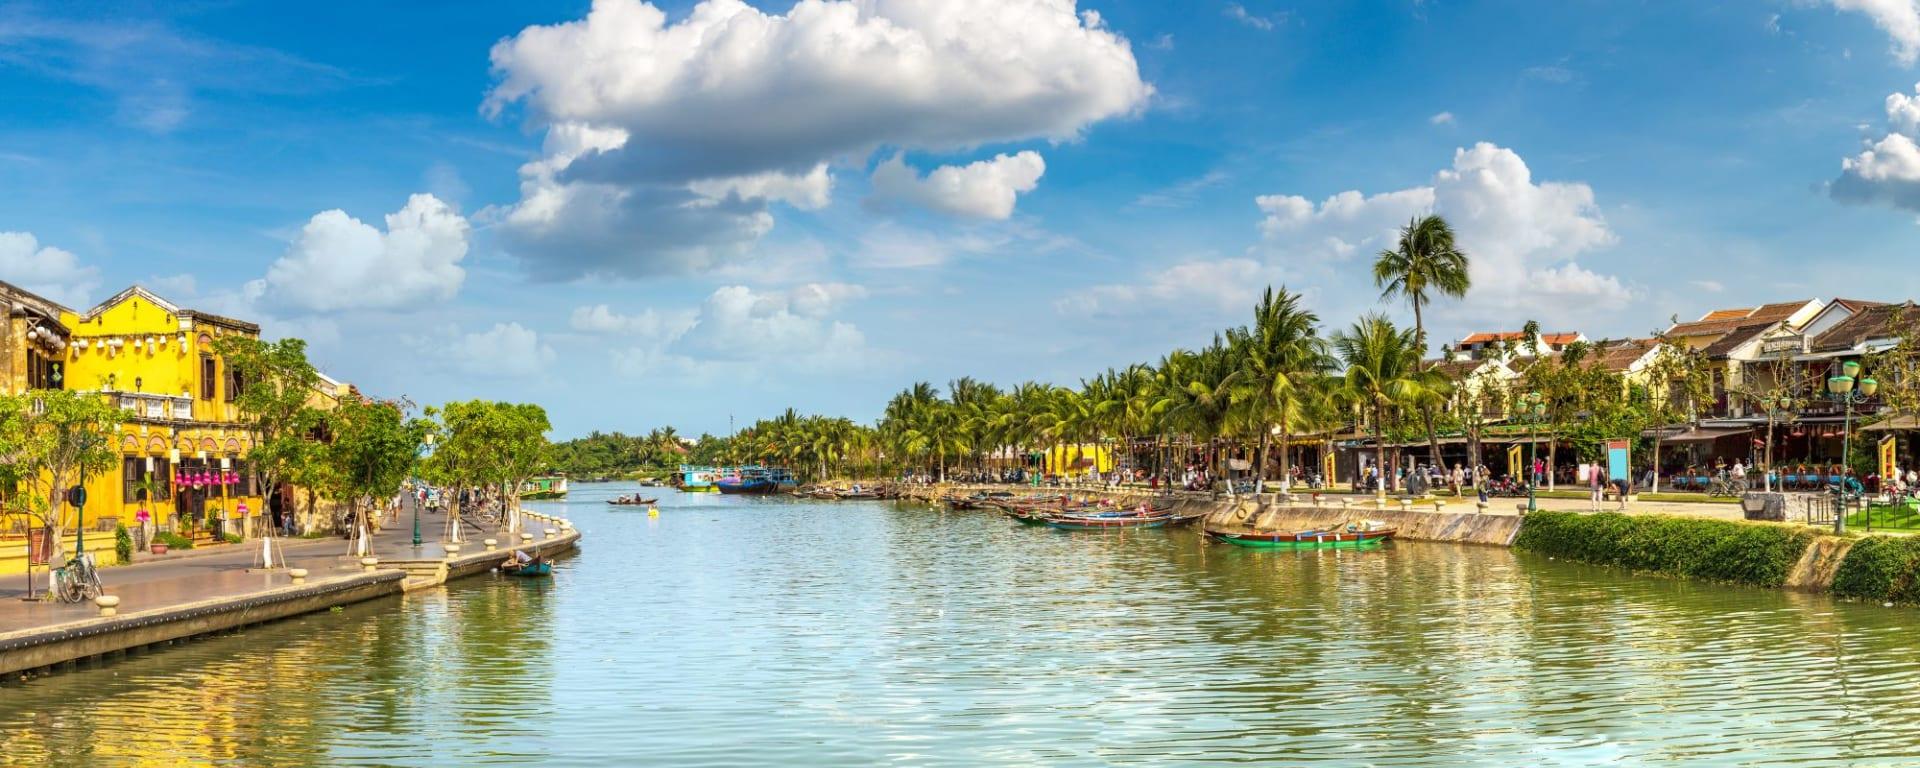 Vietnam Erlebnisreise - Von Hanoi zum Mekong Delta: Hoi An on a summer day